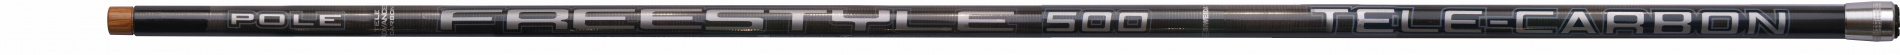 Удилище тел. SWD Freestyle 5м б/к карбон IM8 (мет Удилища поплавочные<br>Бюджетное телескопическое маховое удилище <br>со средне-быстрым строем, изготовленное <br>из карбона IM8. Основные характеристики удилища: <br>длина 5,0м (в сложенном состоянии 115см), количество <br>секций - 5, вес - 205г, максимальный вес оснастки <br>- до 25г. Удилище оснащено металлической <br>пробкой на комле. Рекомендуется для ловли <br>в проводку и для ловли в стоячей воде.<br>